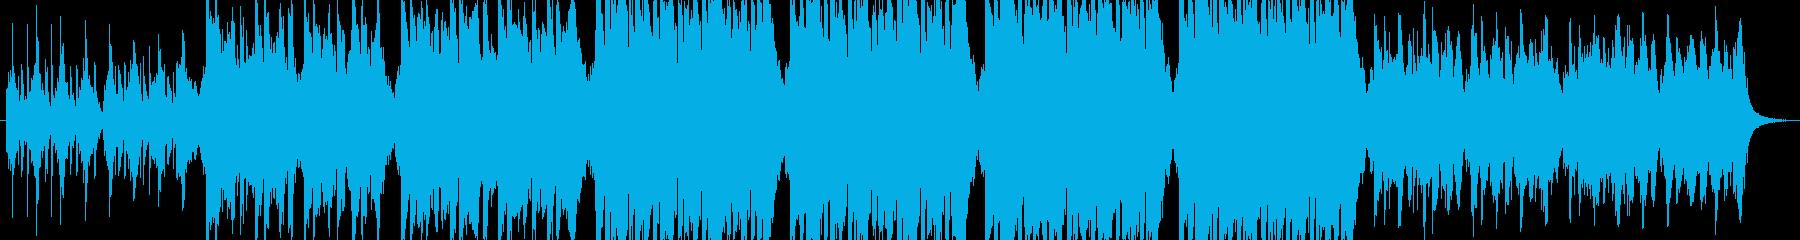 コミカルな面白い音楽の再生済みの波形